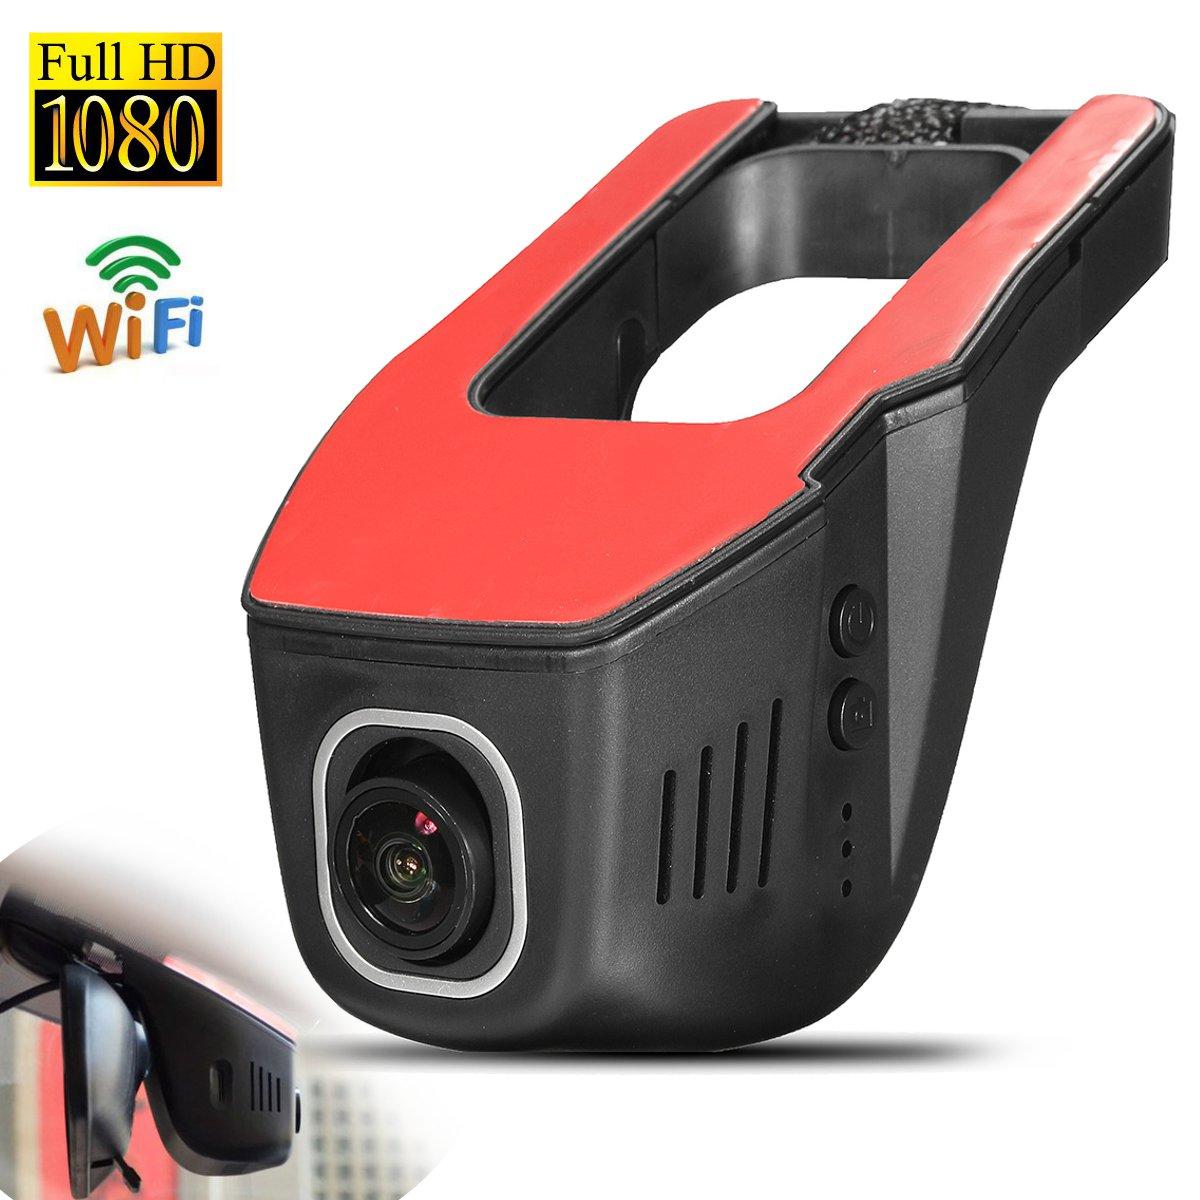 Voiture DVR Cam 1080HD Nuit Vision Dash Cam Dashcam Dash Caméra Auto Caméra Wifi Voiture Caméra Auto Enregistreur G- capteur